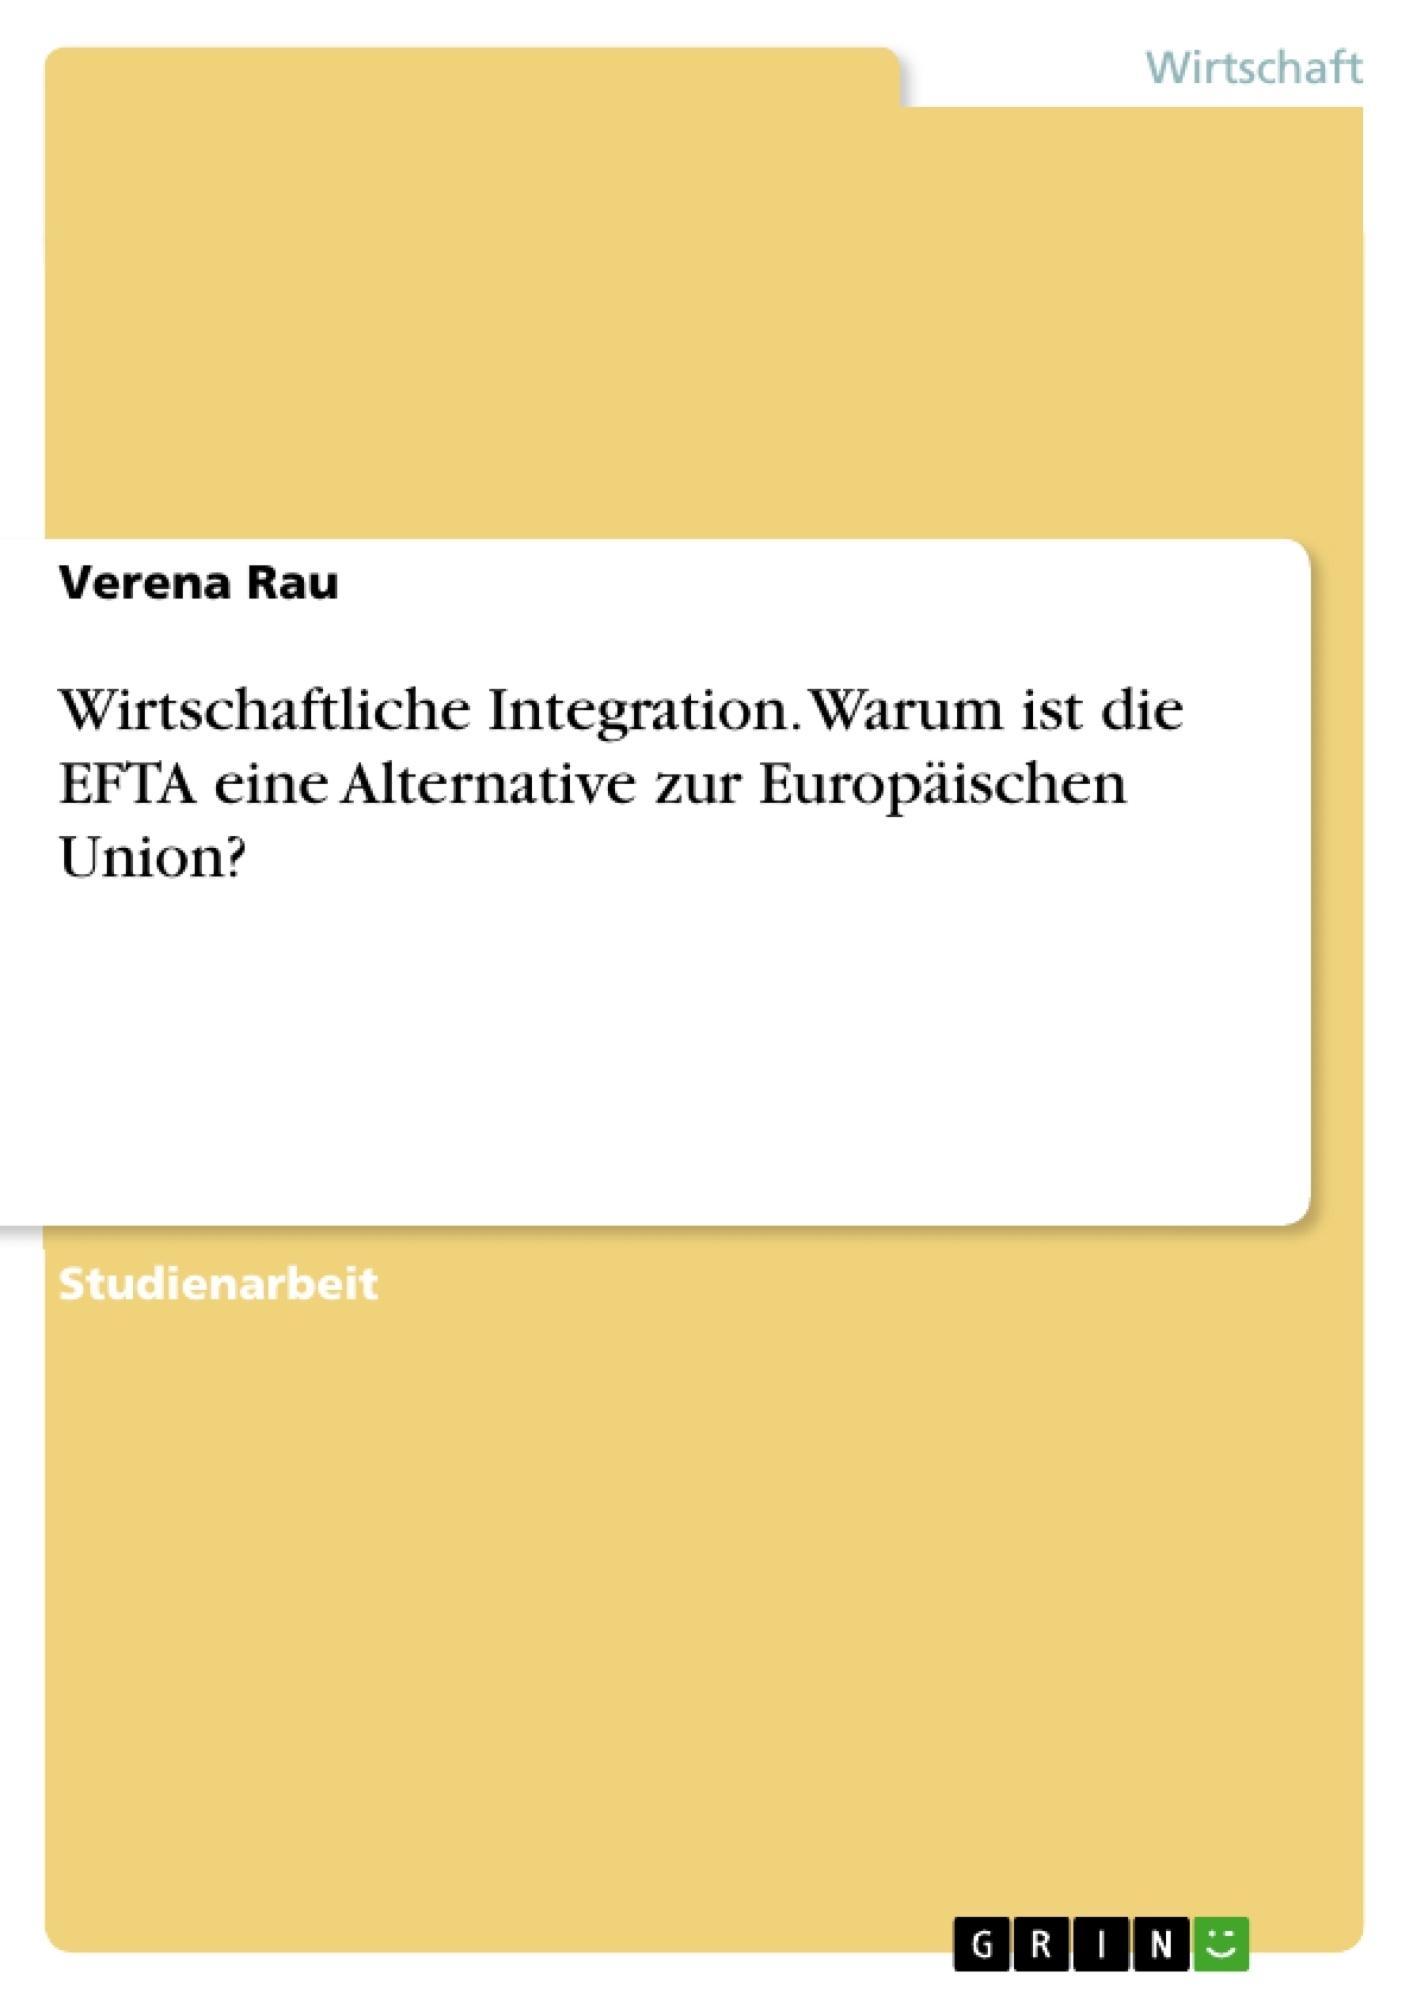 Titel: Wirtschaftliche Integration. Warum ist die EFTA eine Alternative zur Europäischen Union?